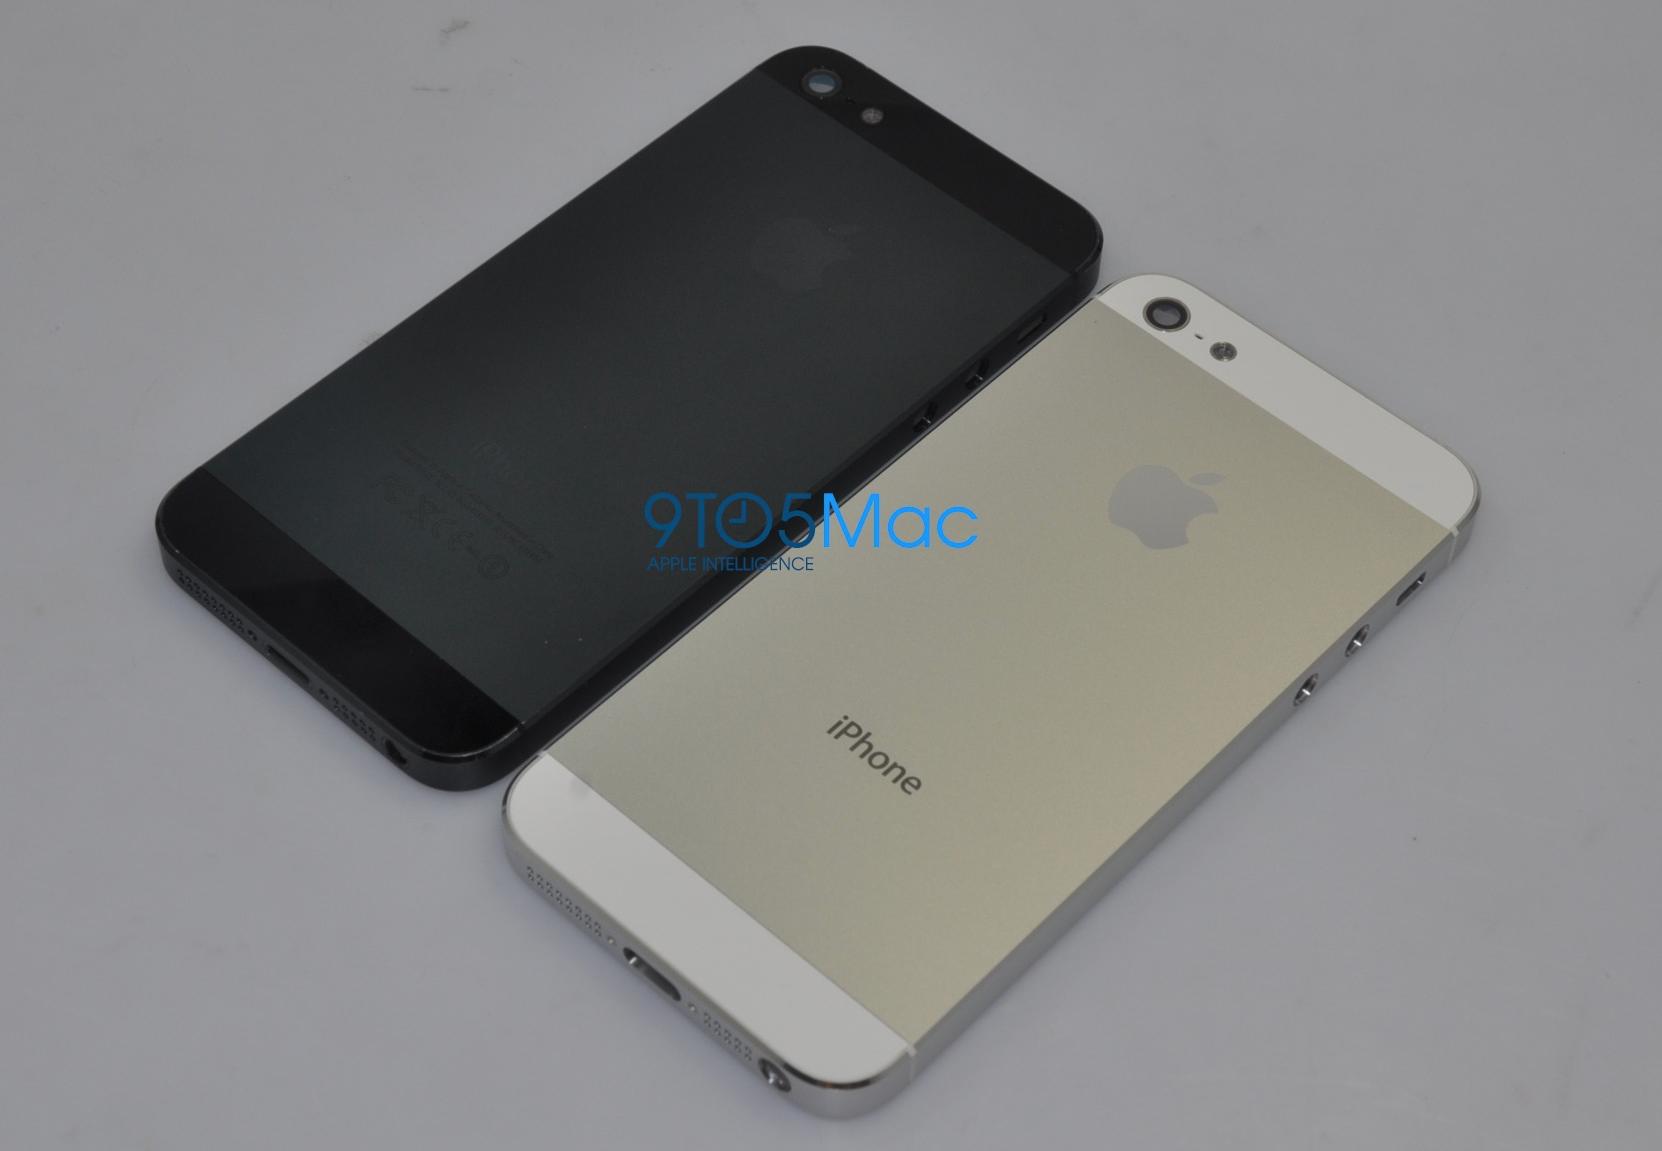 ¿Imágenes filtradas del nuevo iPhone?